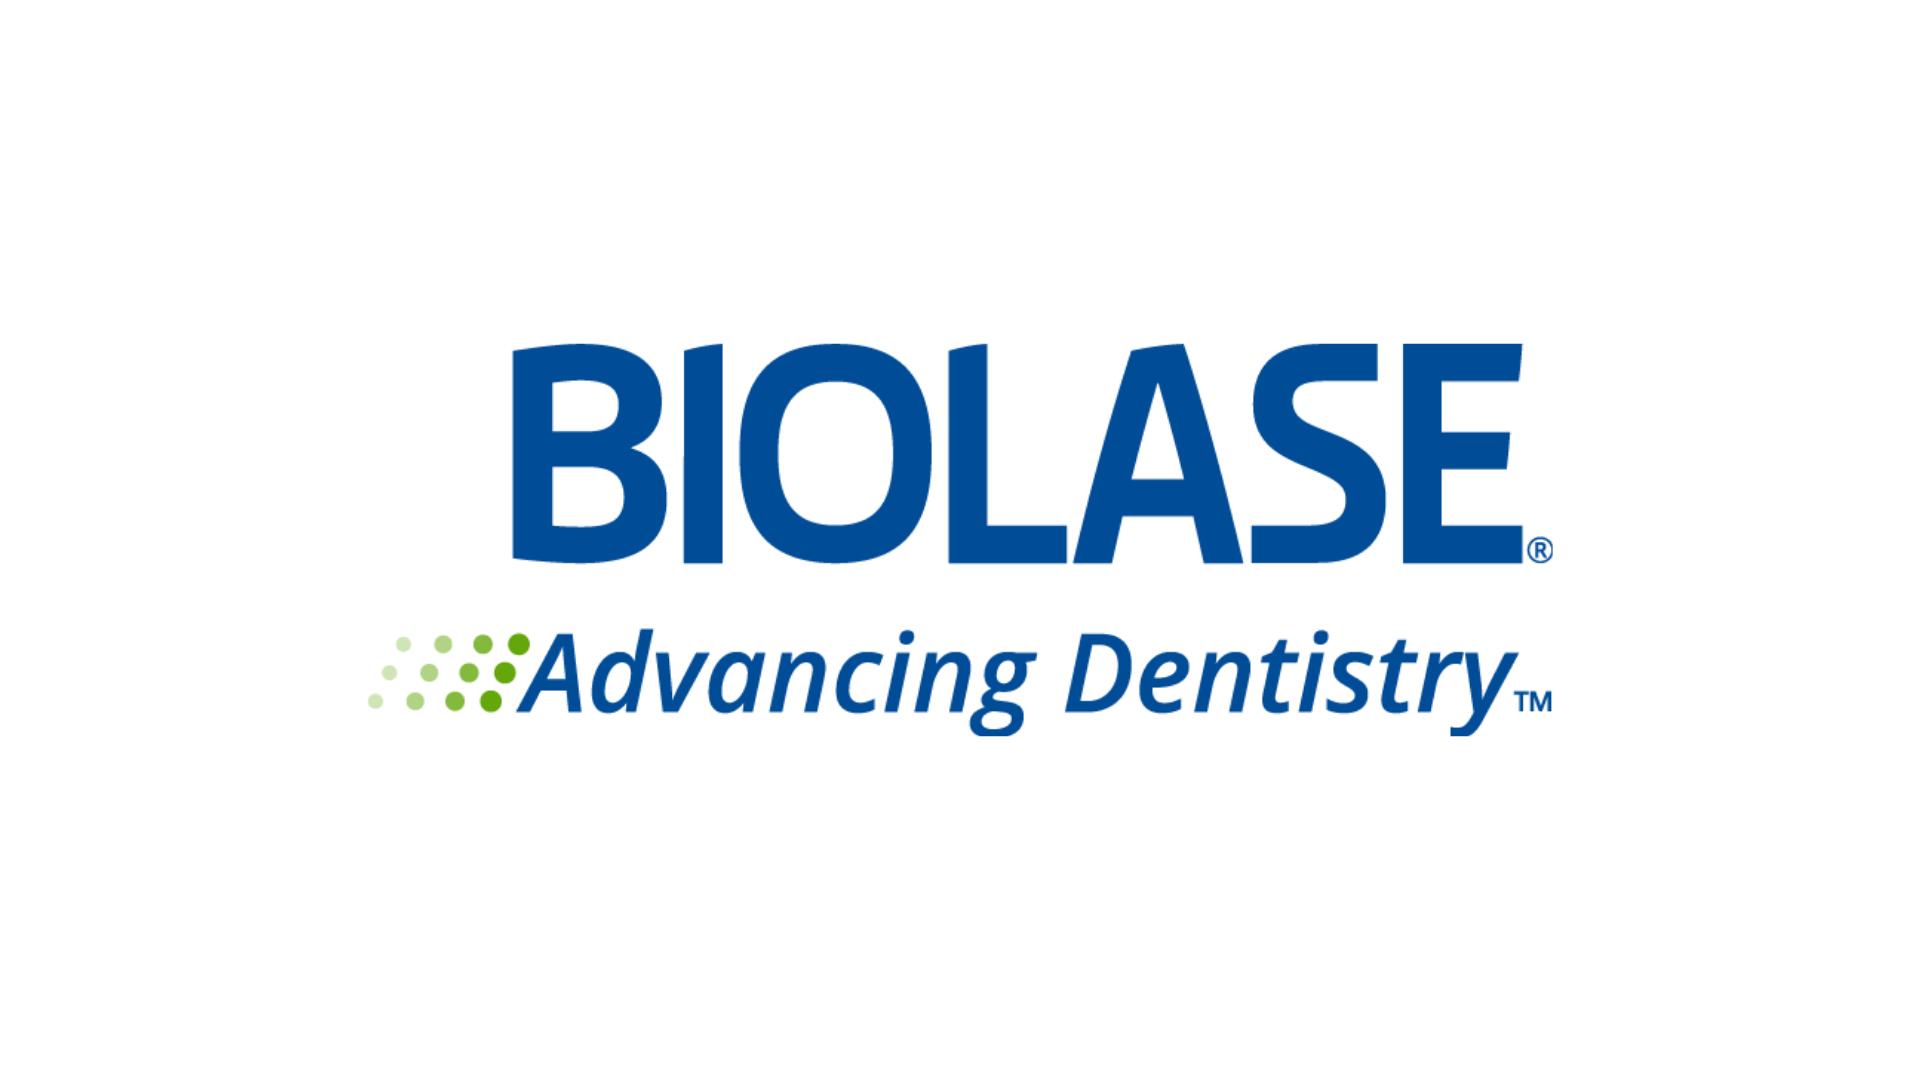 BIOLASE Video